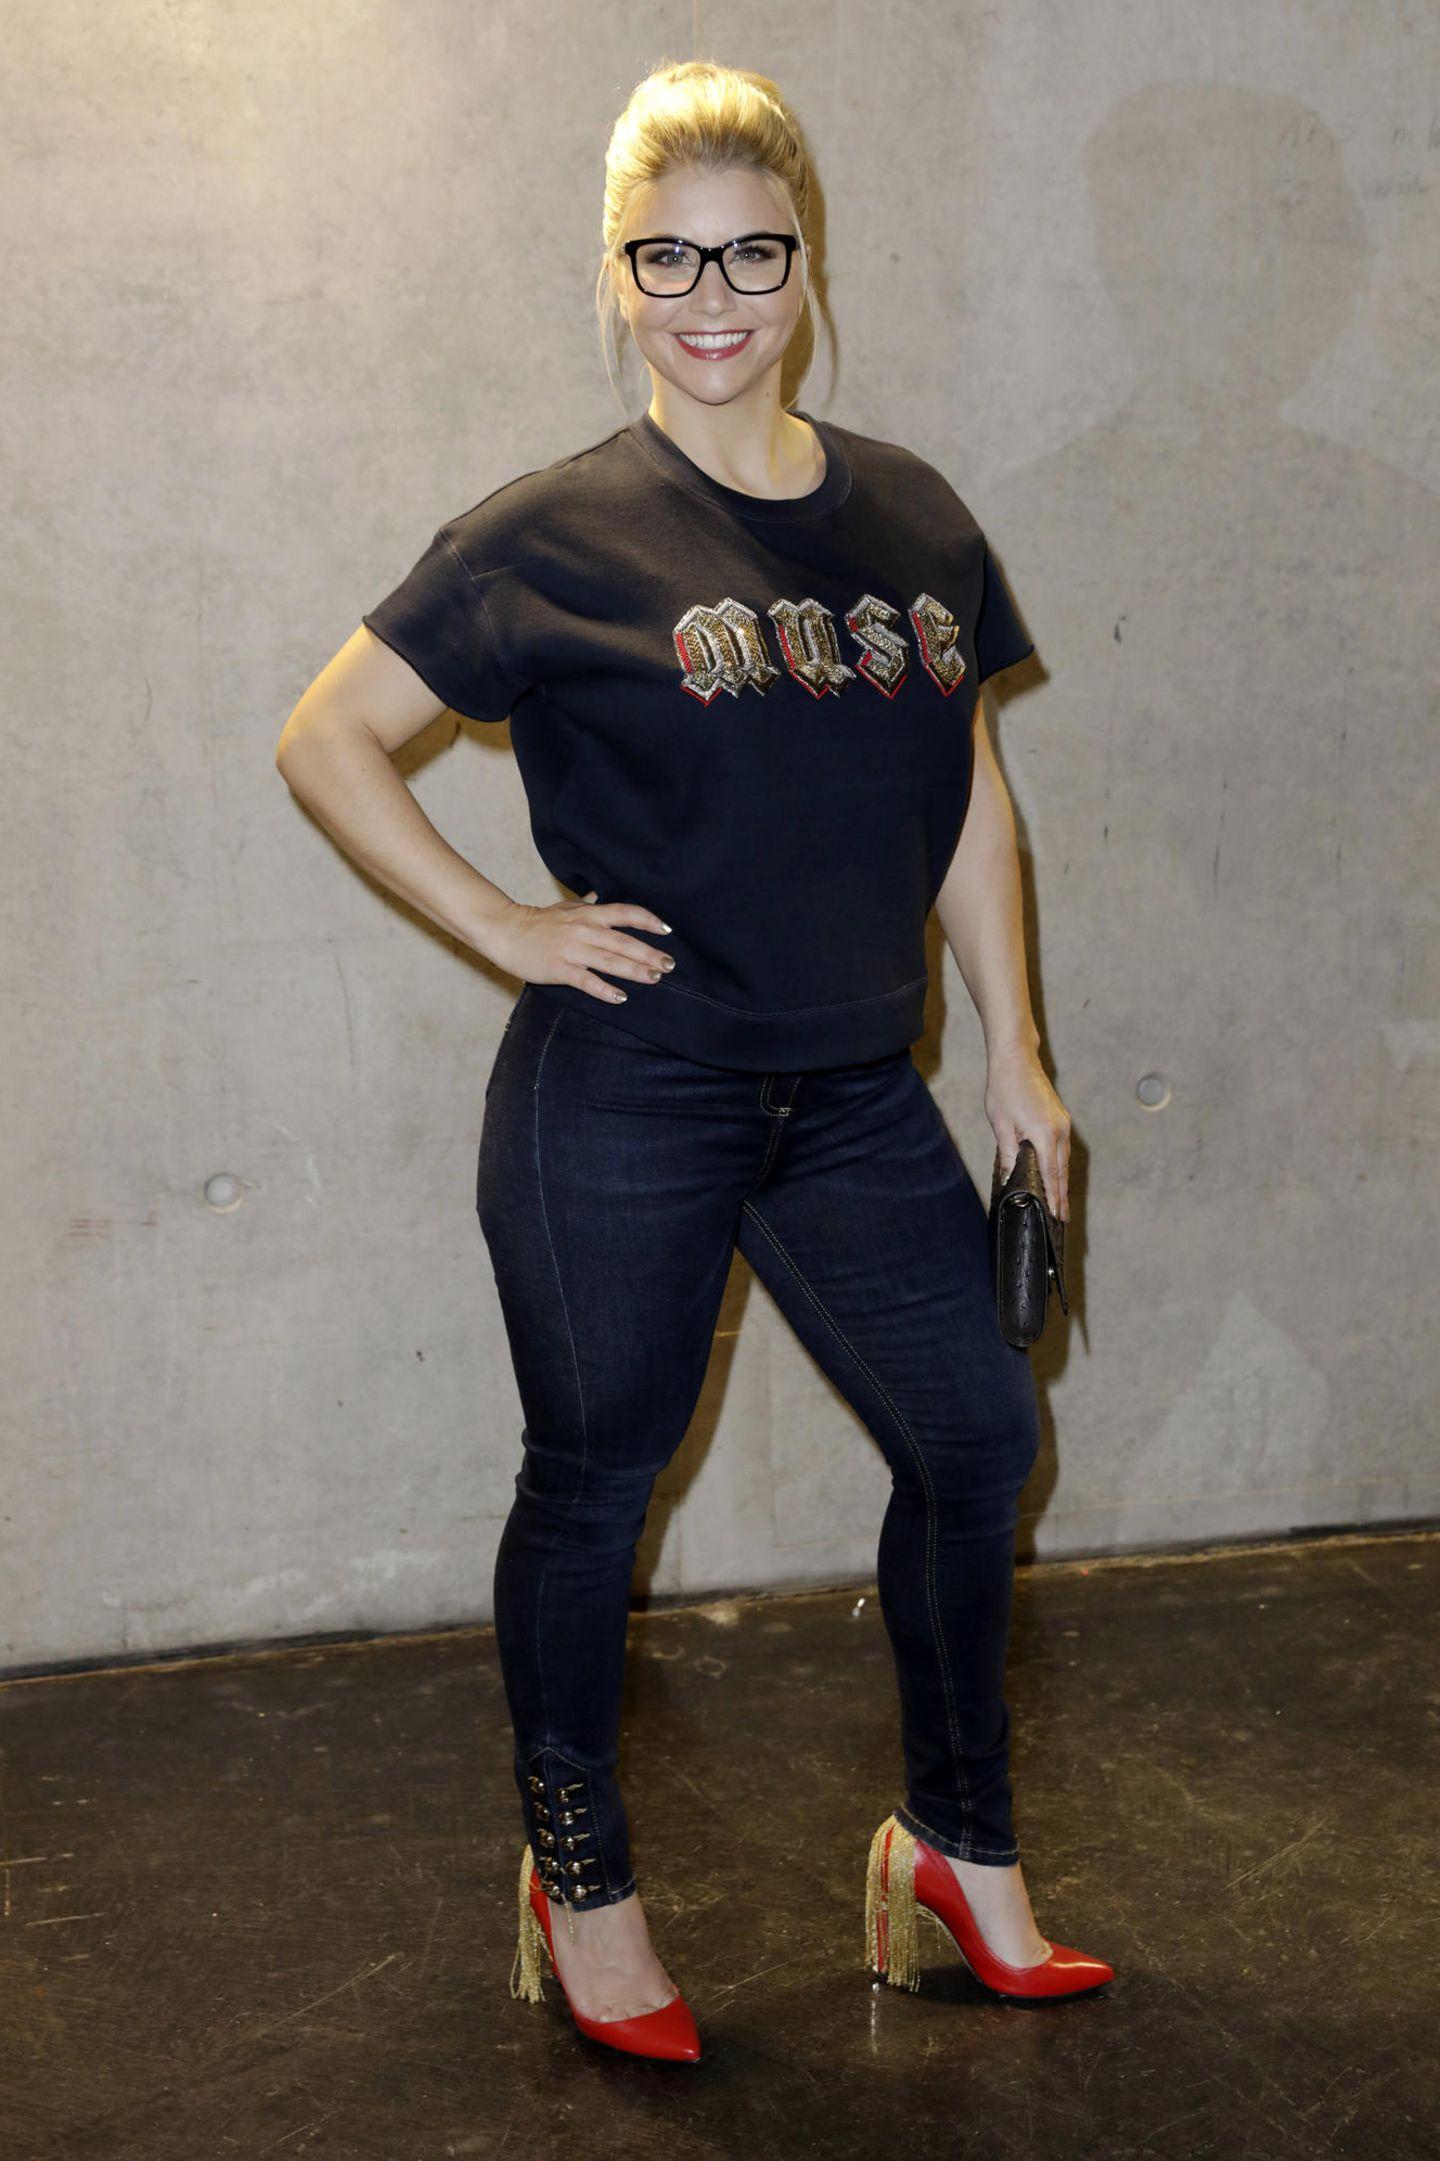 Schlagersängerin Beatrice Egli war schon immer für ihre weiblichen Kurven bekannt. Vor knapp einem Jahr zeigte sie sich in Jeans und Shirt mit ein paar Kilos mehr als jetzt - denn die Blondine hat ordentlich abgespeckt.